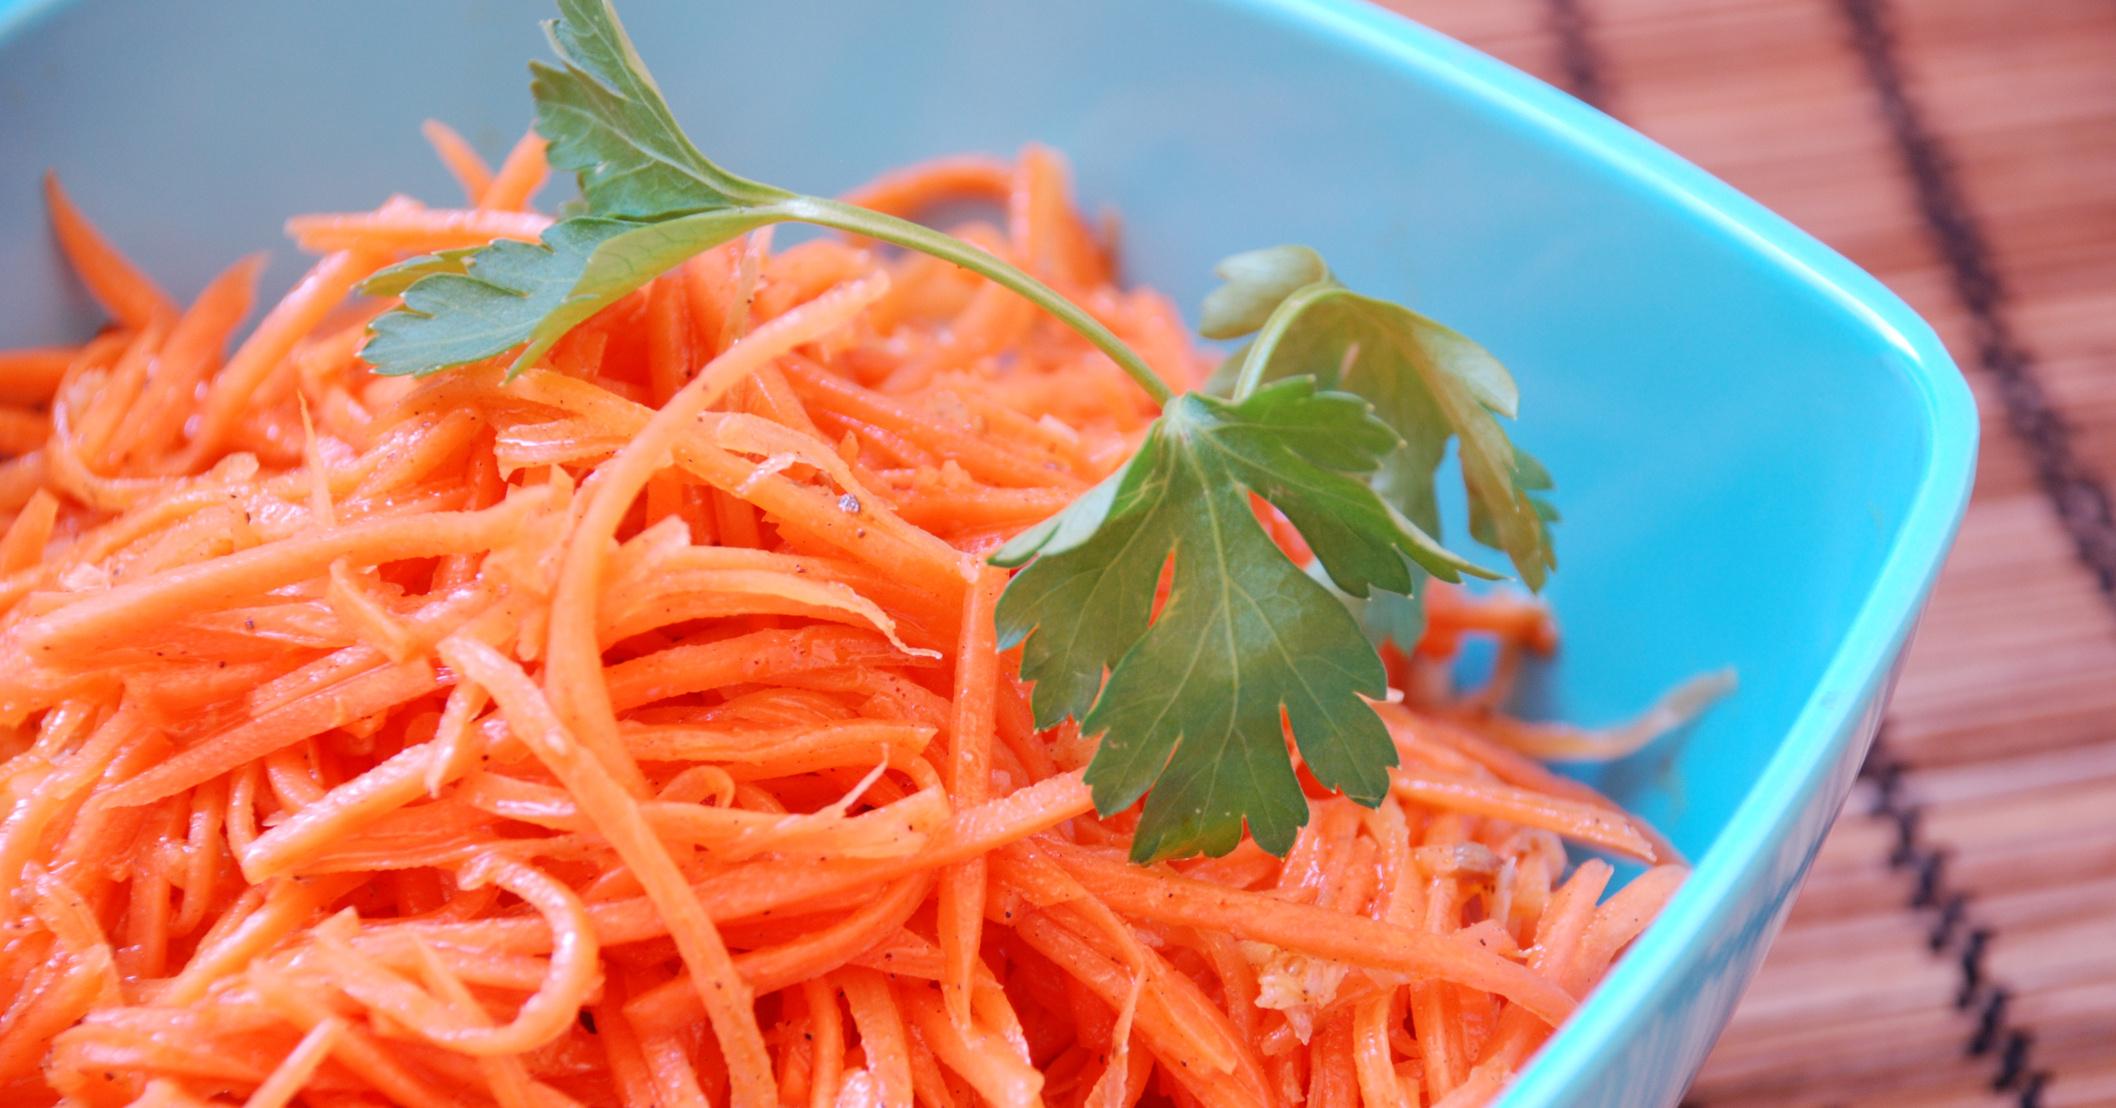 Корейская Морковка Калорийность И Диета. Сколько калорий в моркови по корейски?